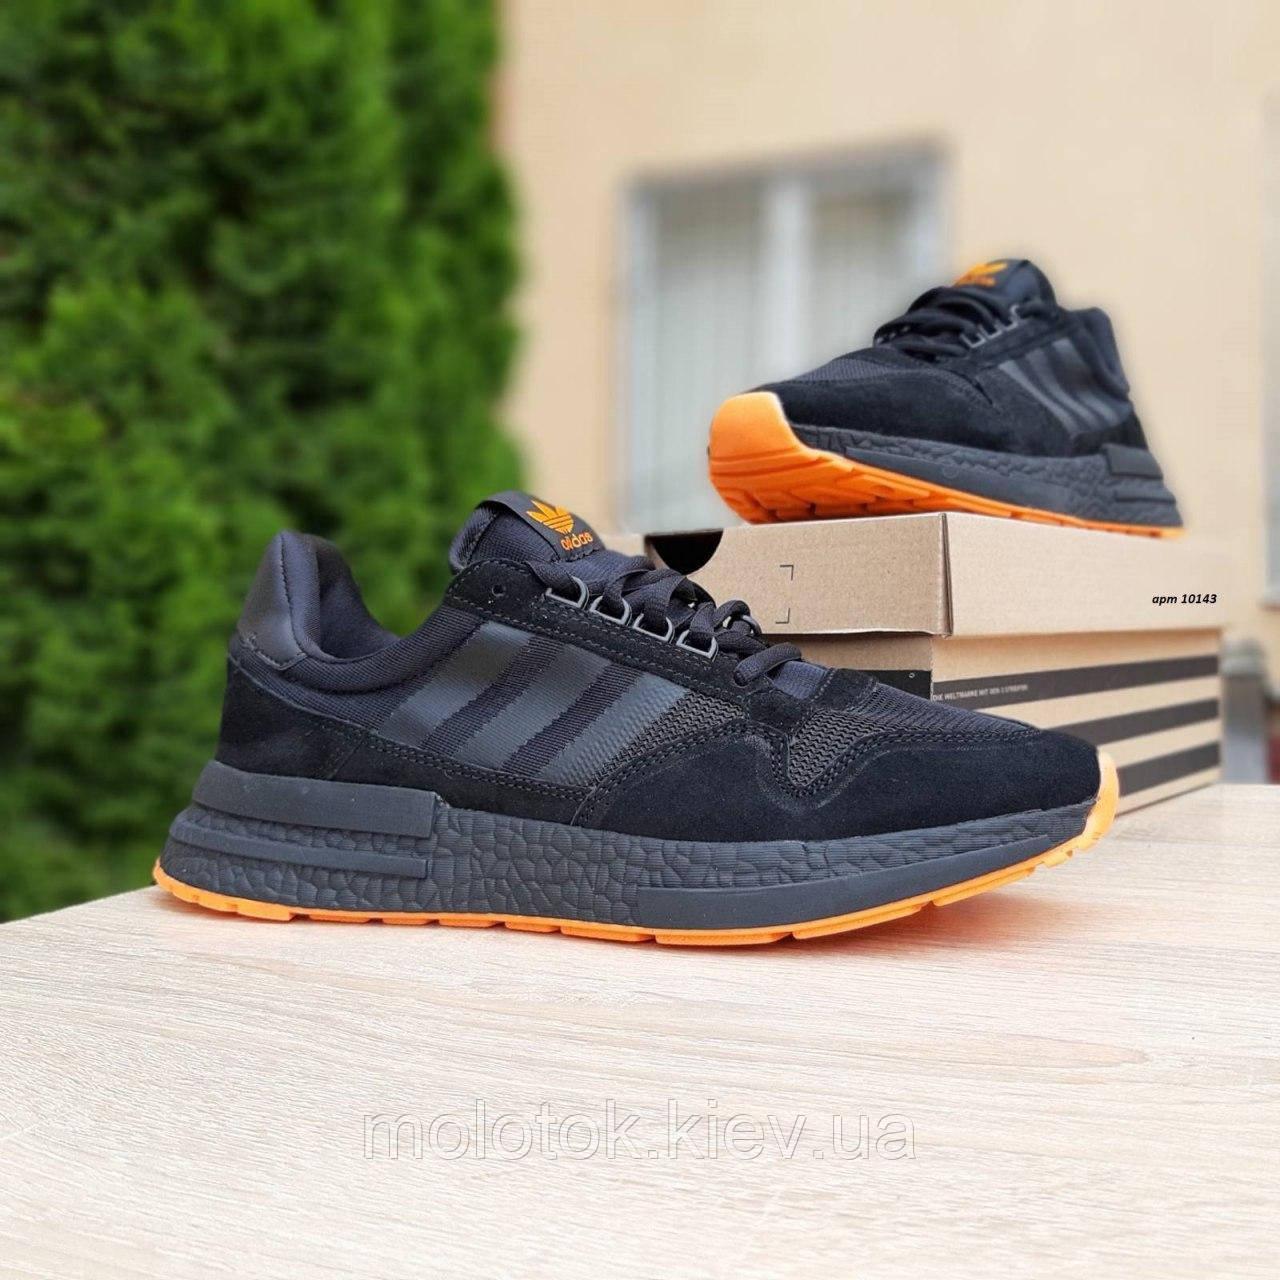 Мужские кроссовки в стиле Adidas  ZX 500 чёрные с оранжевым